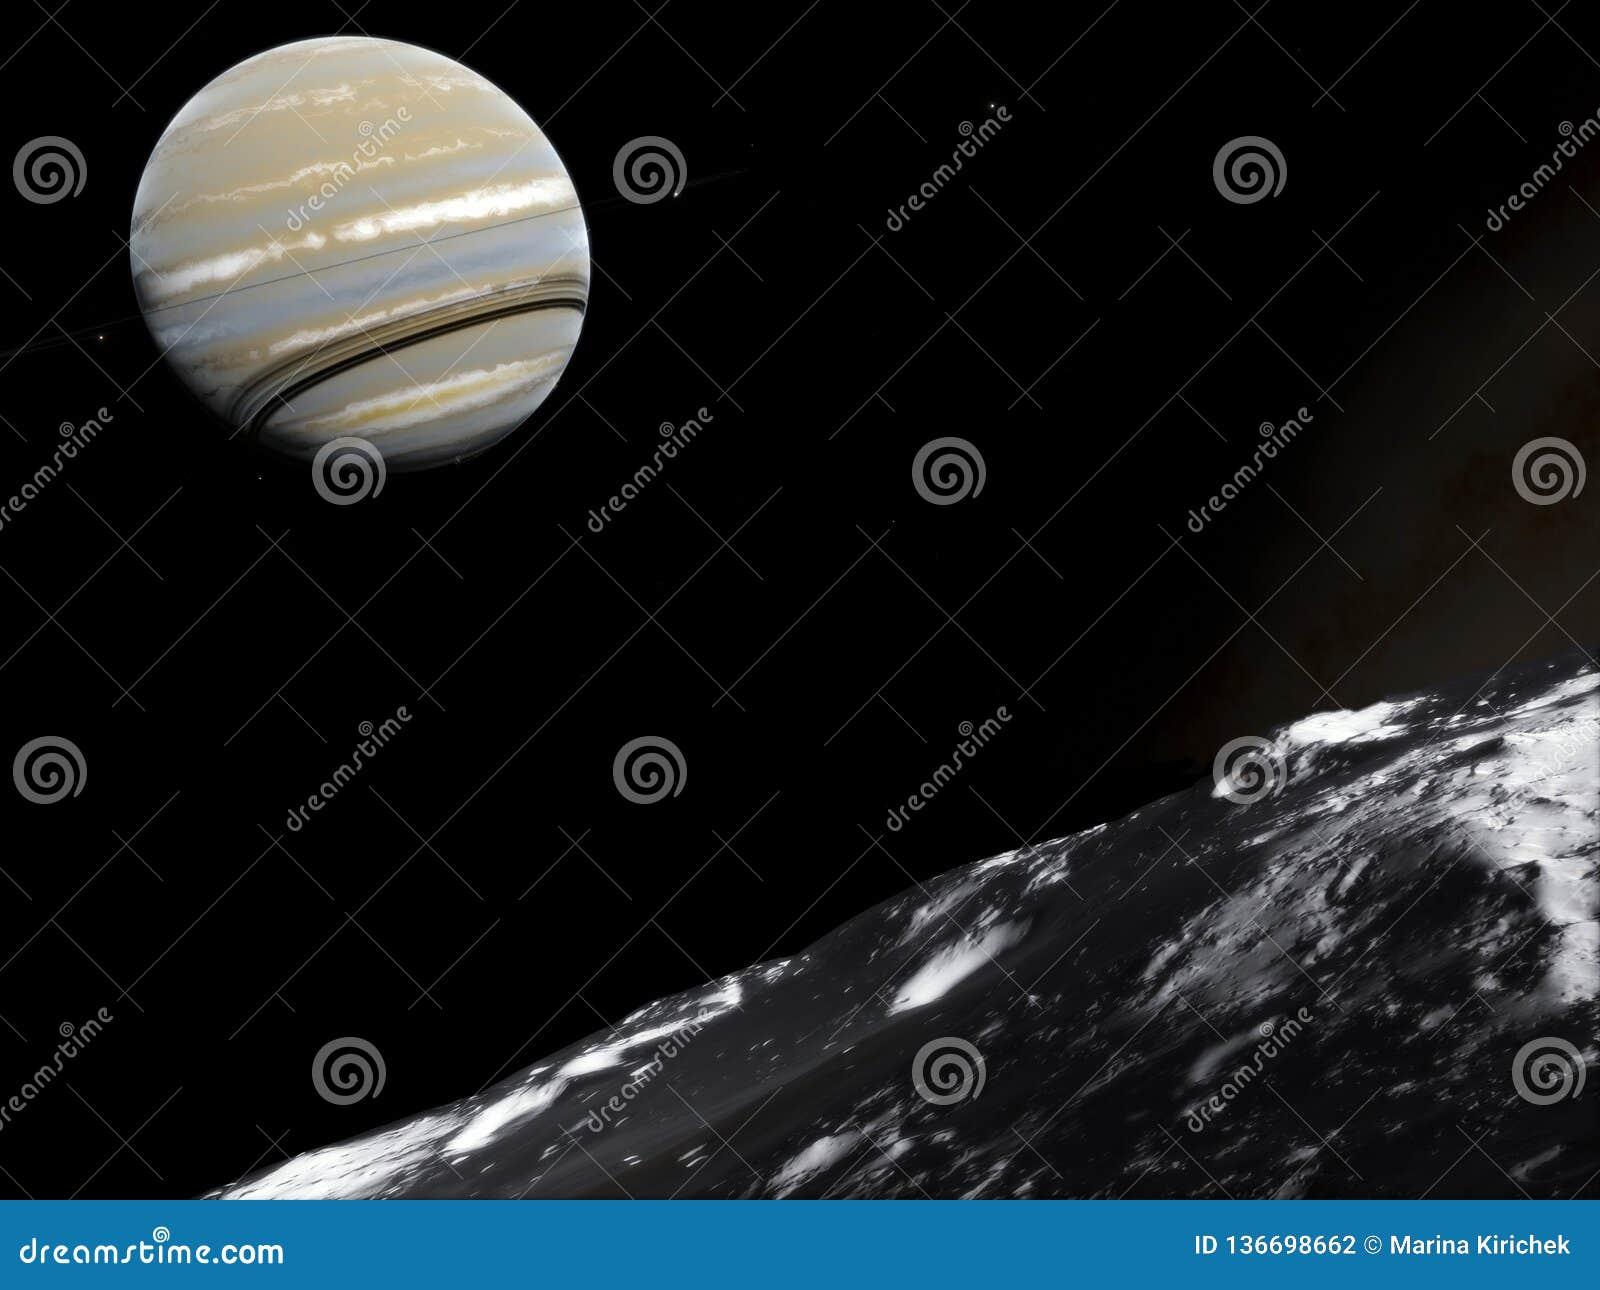 Κρόνος Διαστημική ταπετσαρία επιστημονικής φαντασίας, απίστευτα όμορφοι πλανήτες, γαλαξίες, σκοτεινή και κρύα ομορφιά ατελείωτου